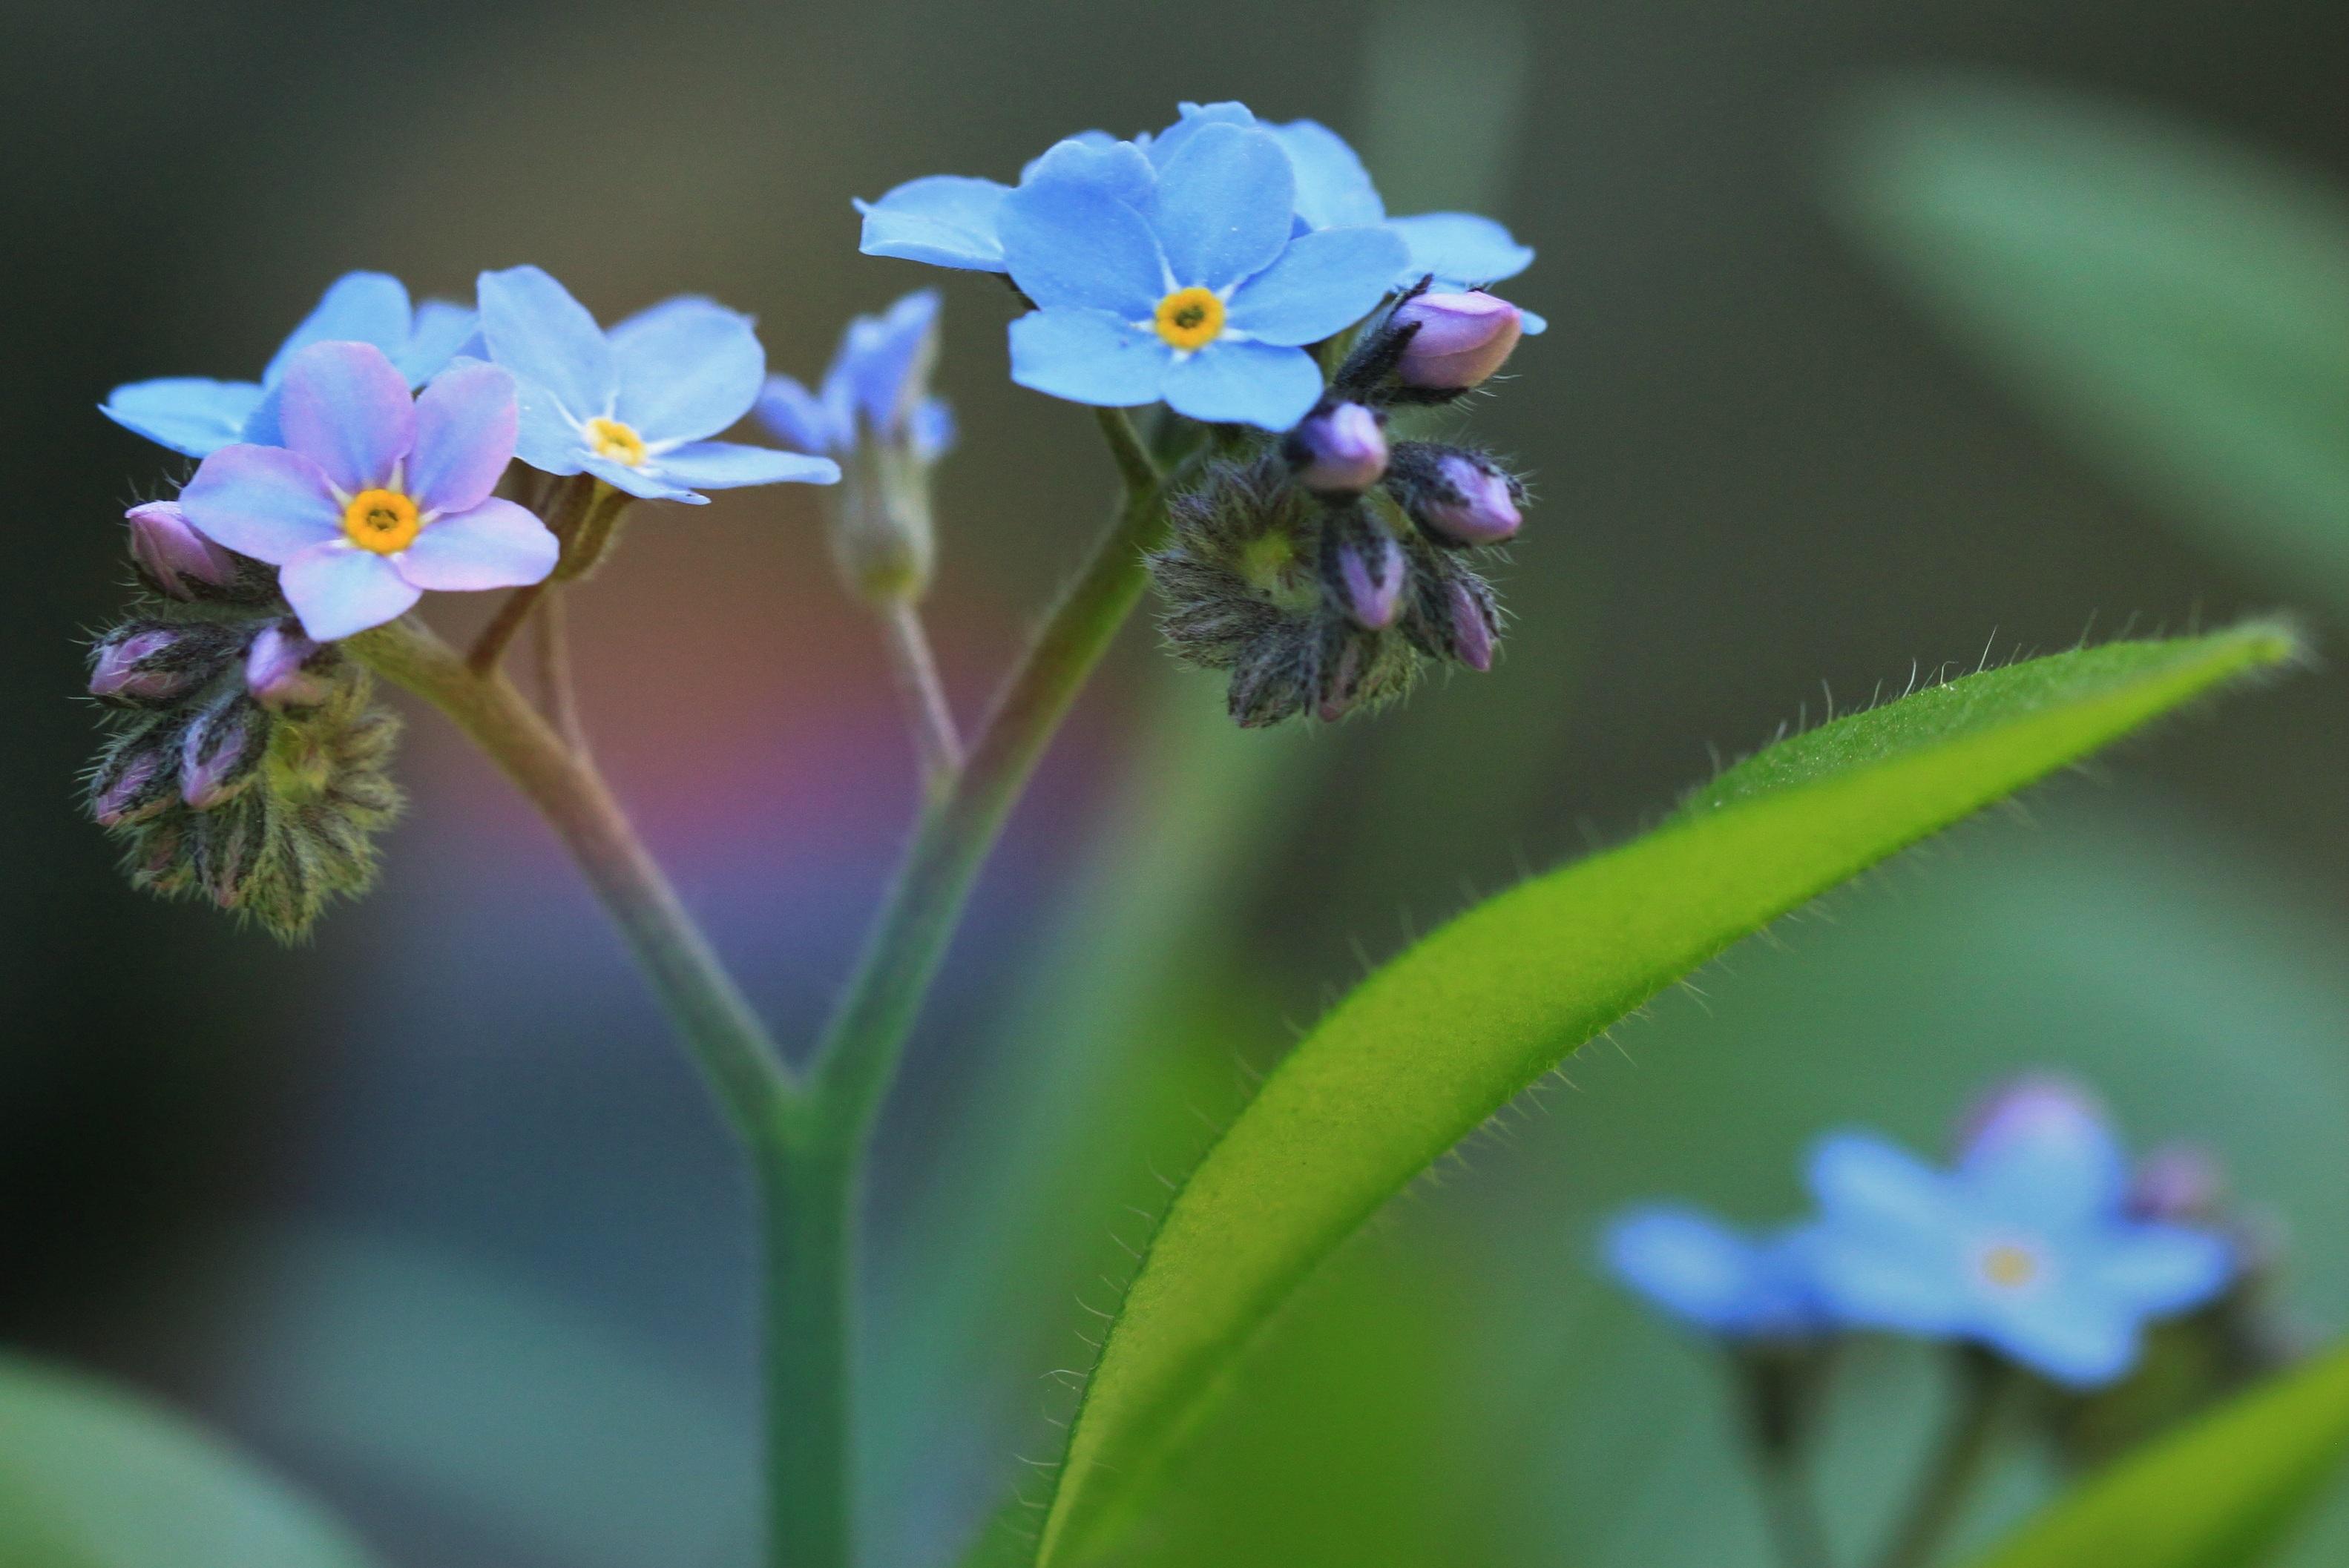 Kostenlose foto : Natur, blühen, Fotografie, Wiese, Blume ...